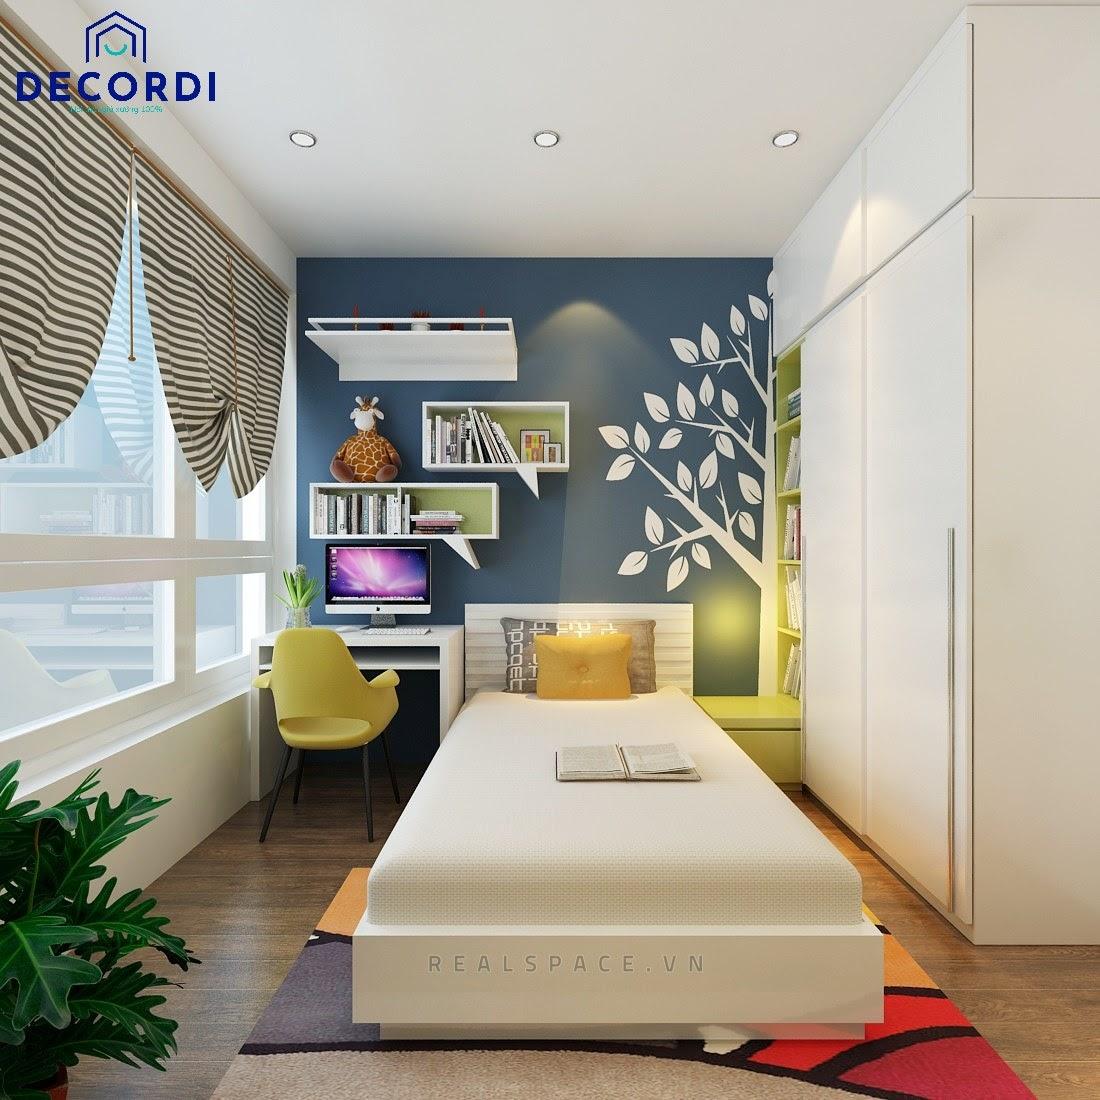 Phòng ngủ 8m2 tiện nghi và hiện đại với cửa sổ lớn đón nắng